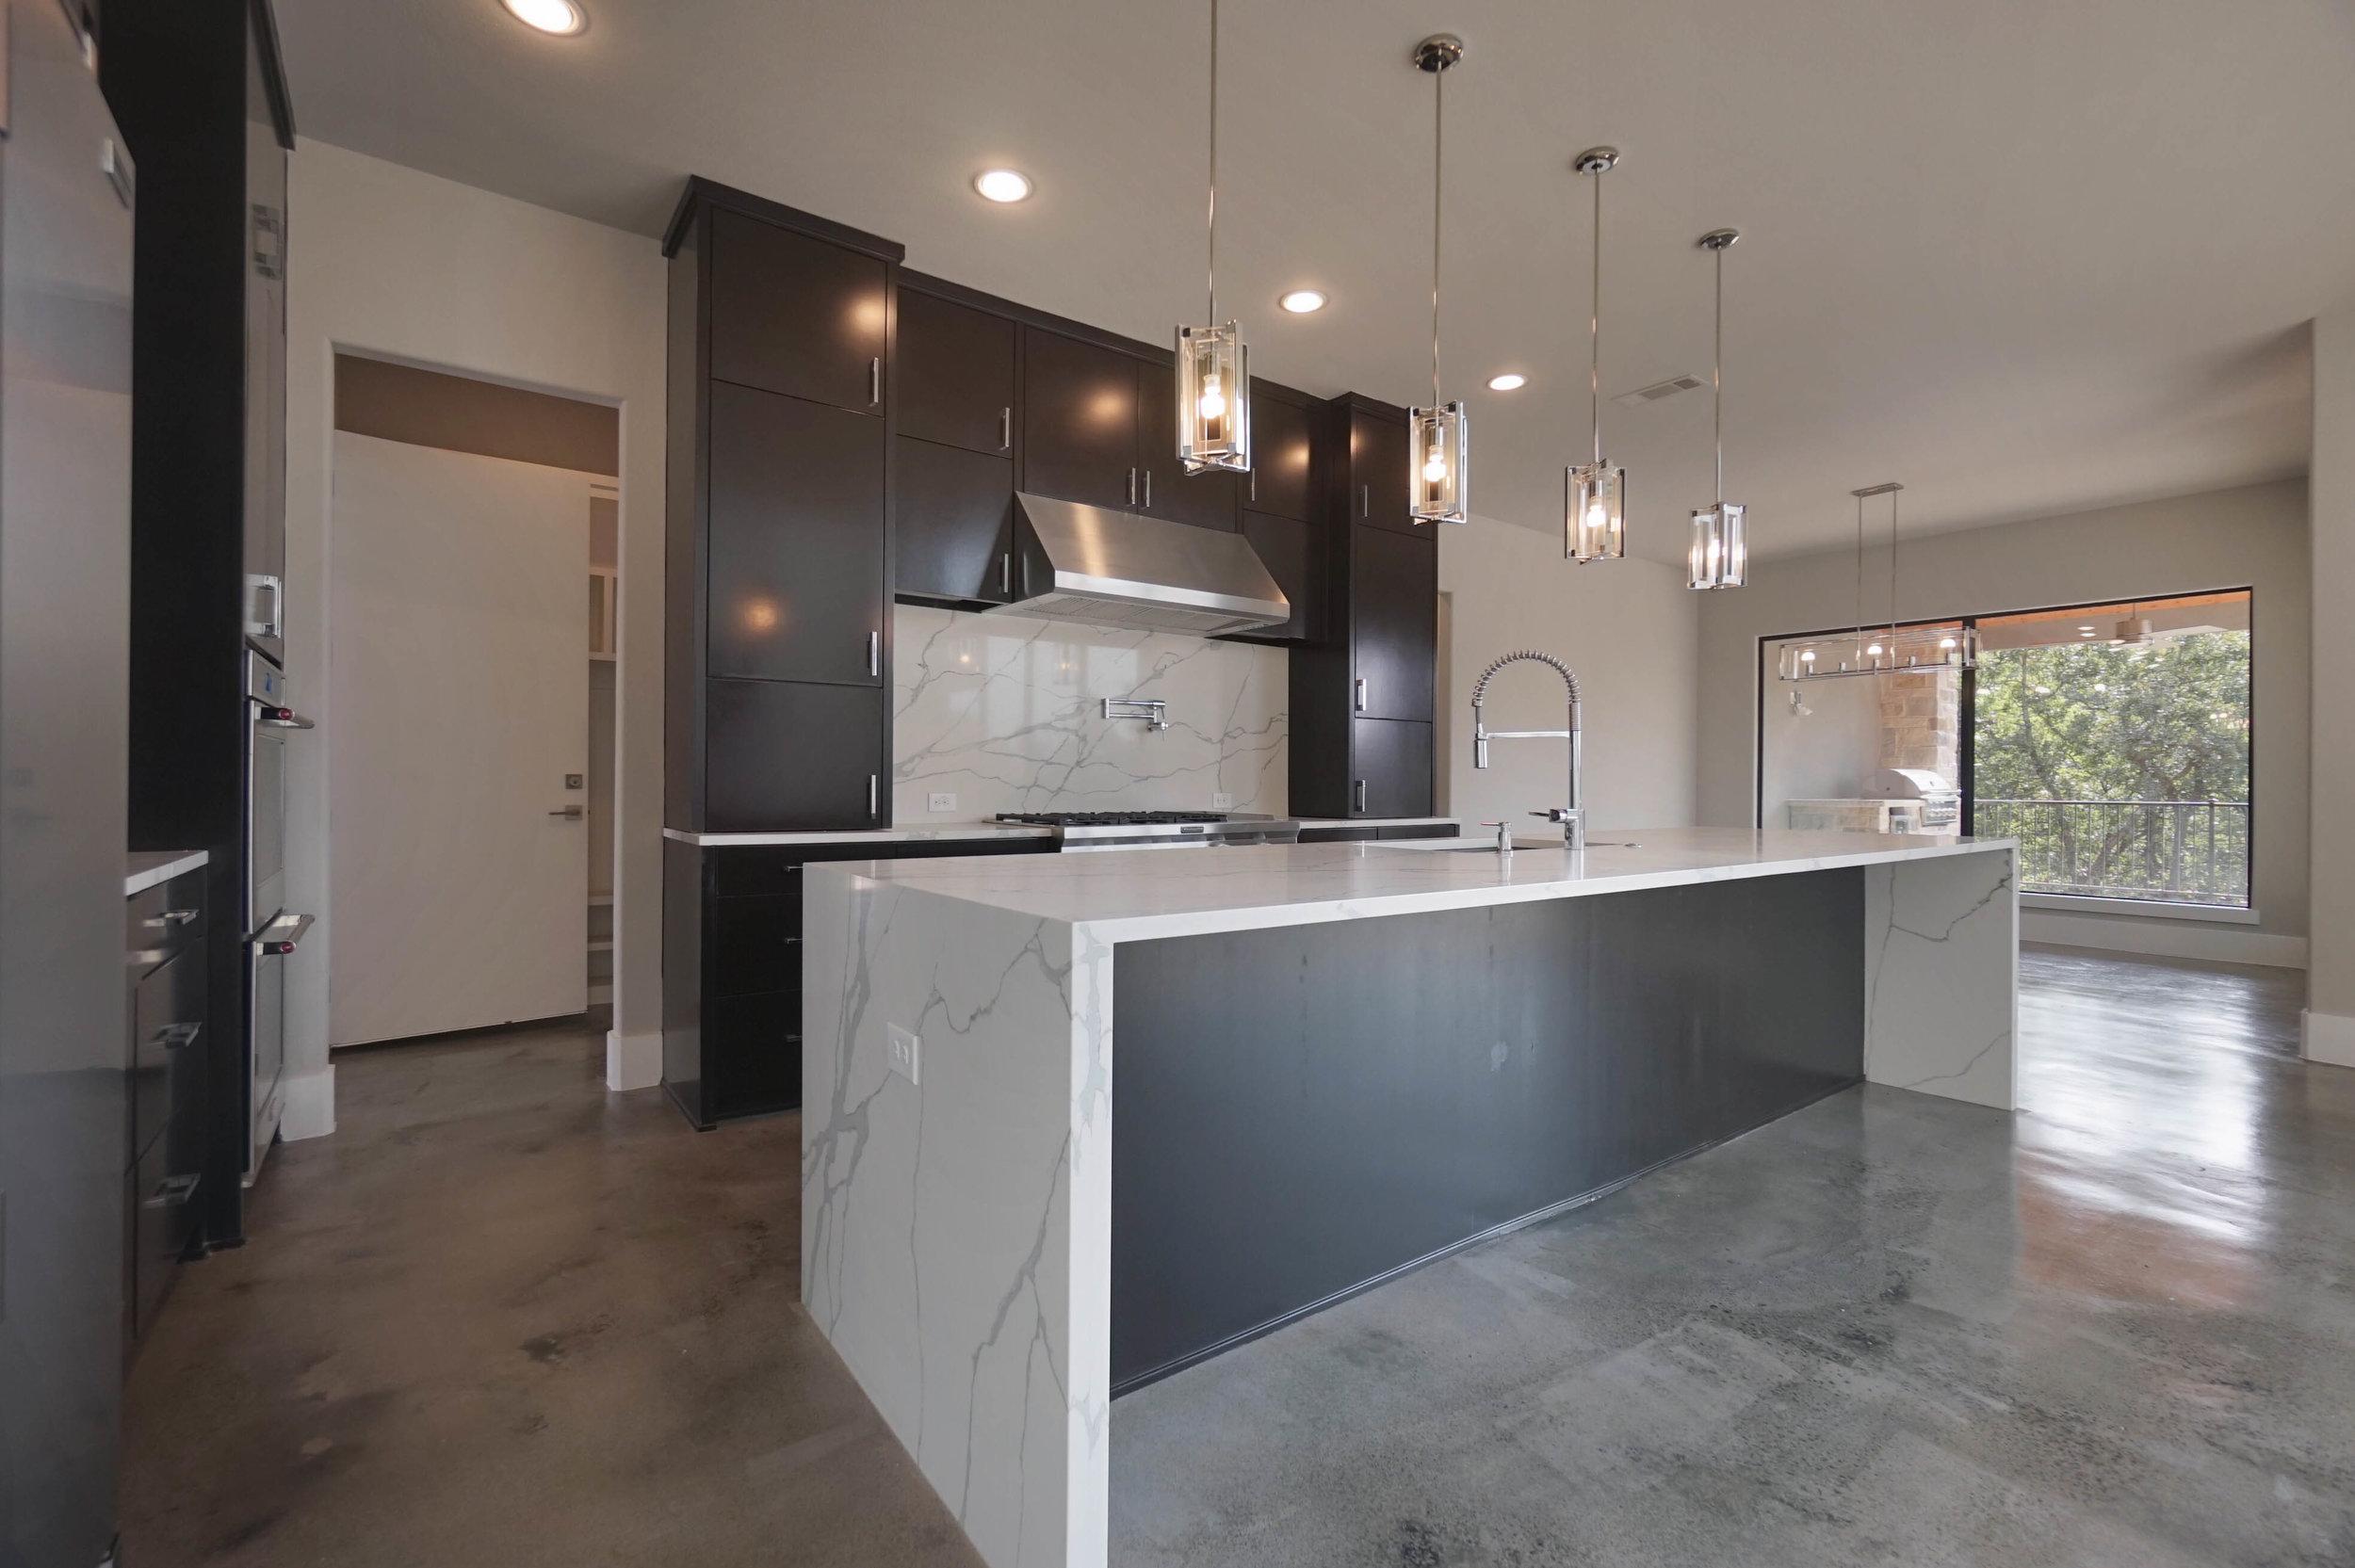 9 kitchen 2.jpg